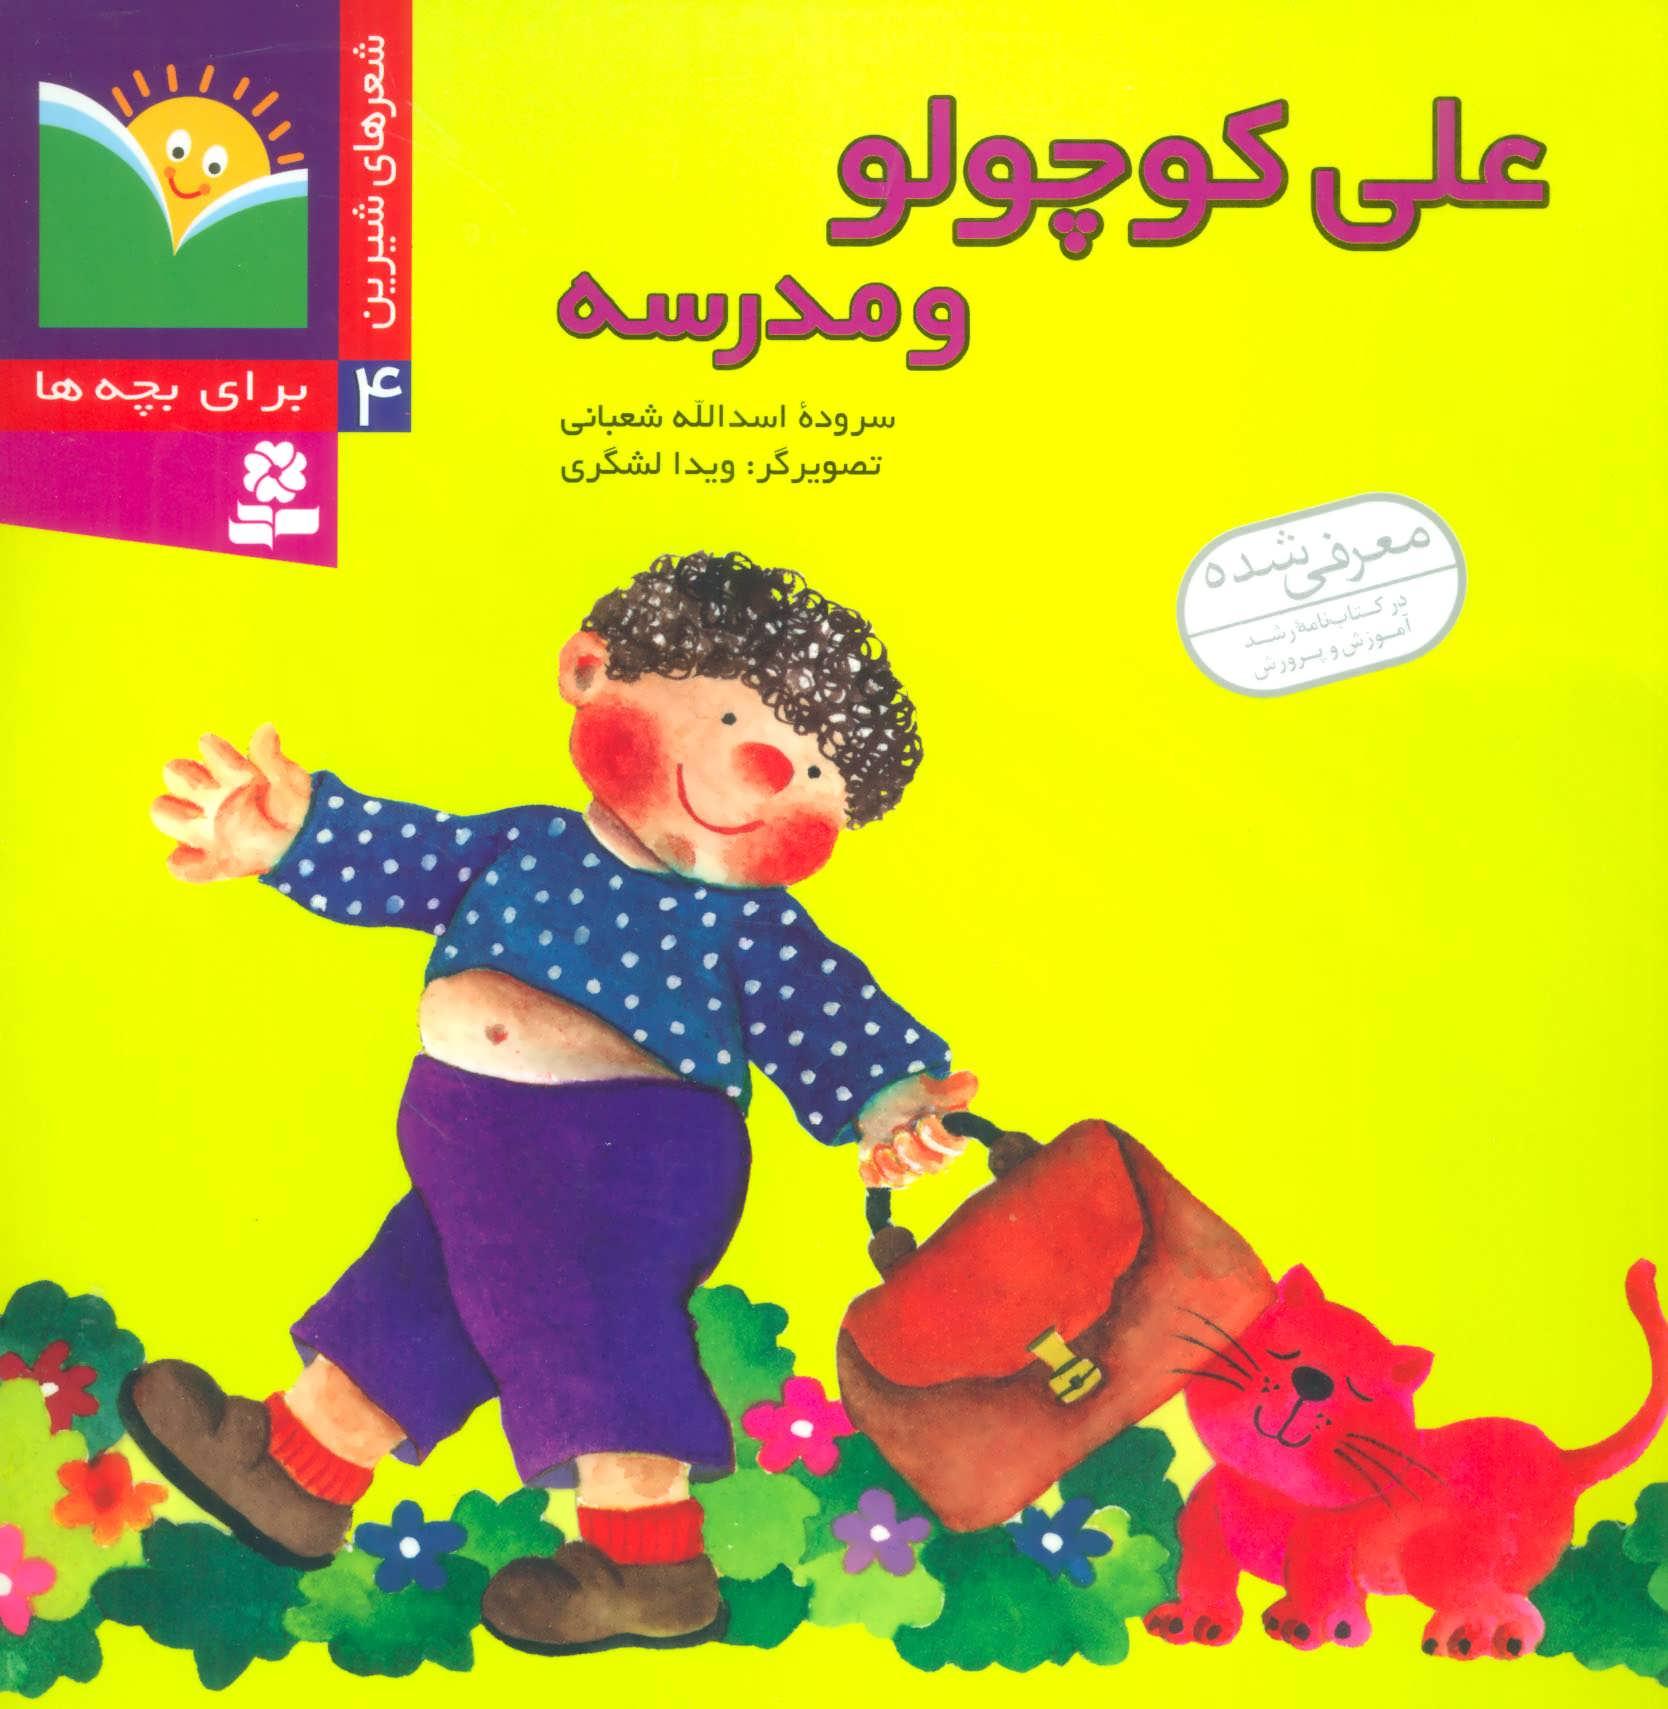 شعرهاي شيرين براي بچه ها 4 (علي كوچولو و مدرسه)،(گلاسه)